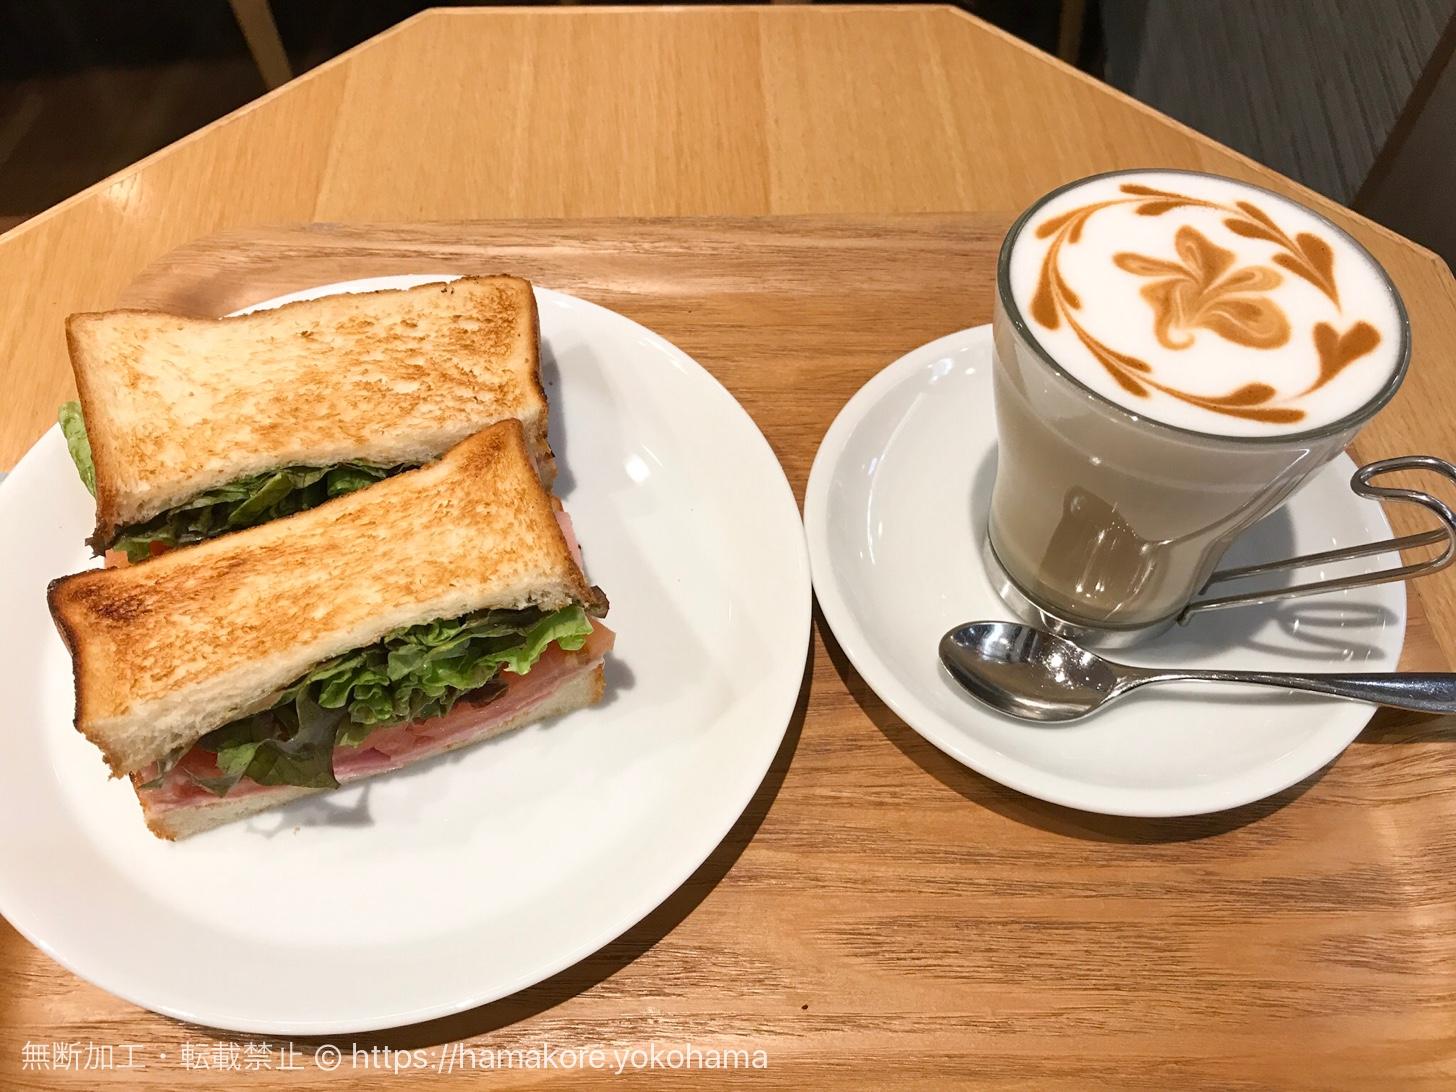 桜木町駅直結の電源カフェ「カフェ レクセル」で朝食を食べてきた!